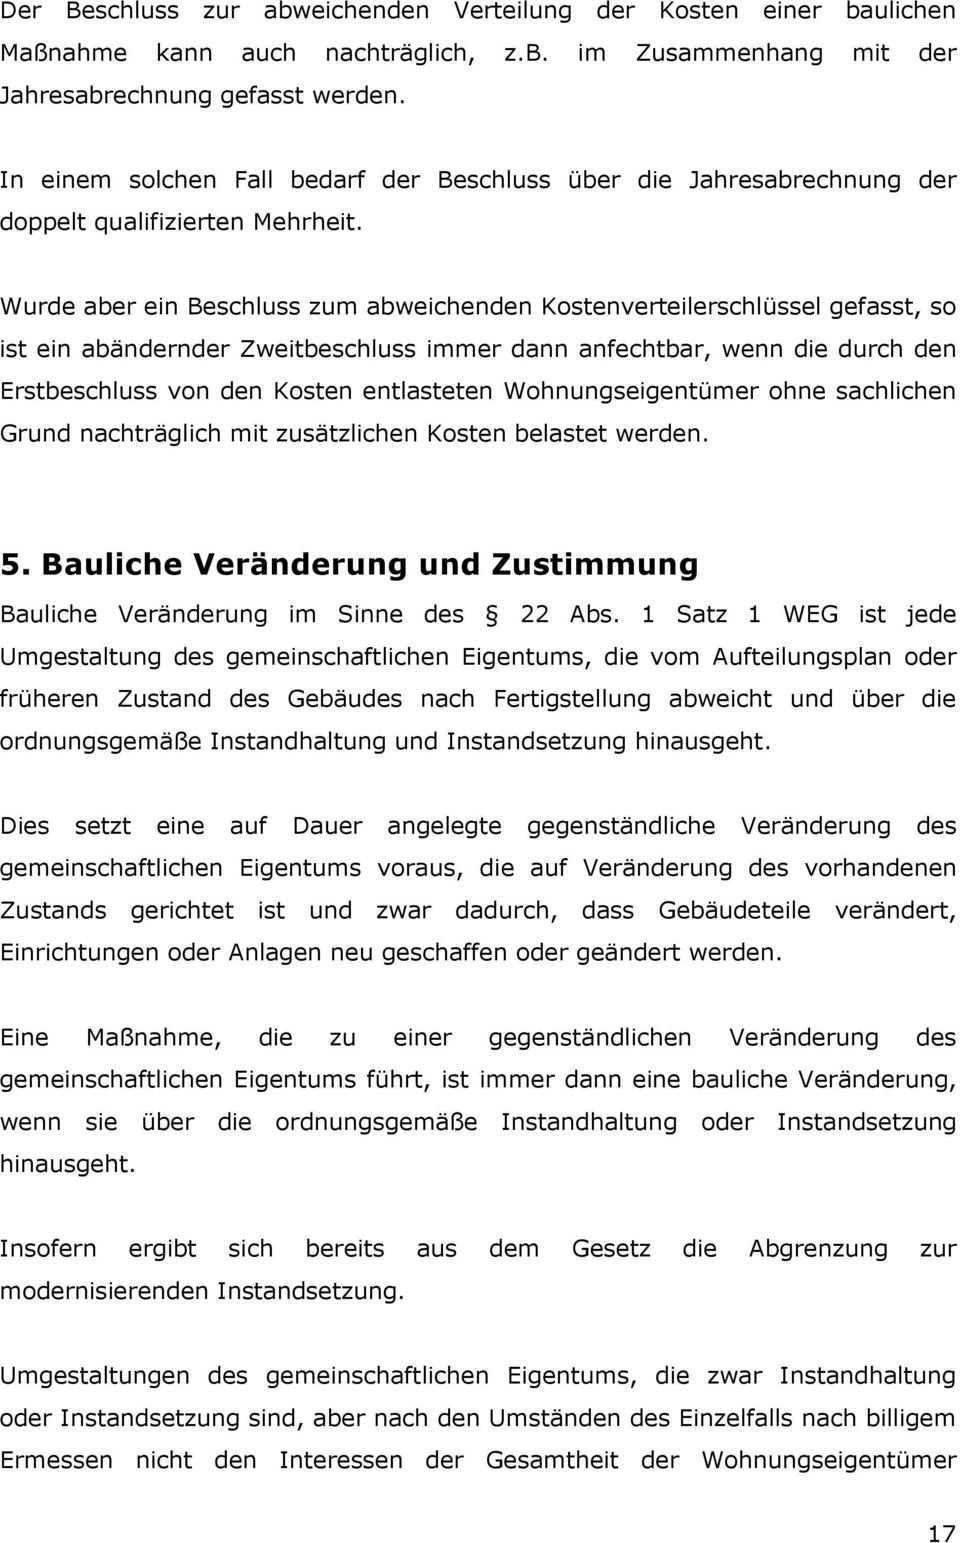 Aktuelles Von Der Weg Novelle Kostenverteilung Nach 16 Weg Bauliche Veranderung Und Zustimmung Pdf Free Download